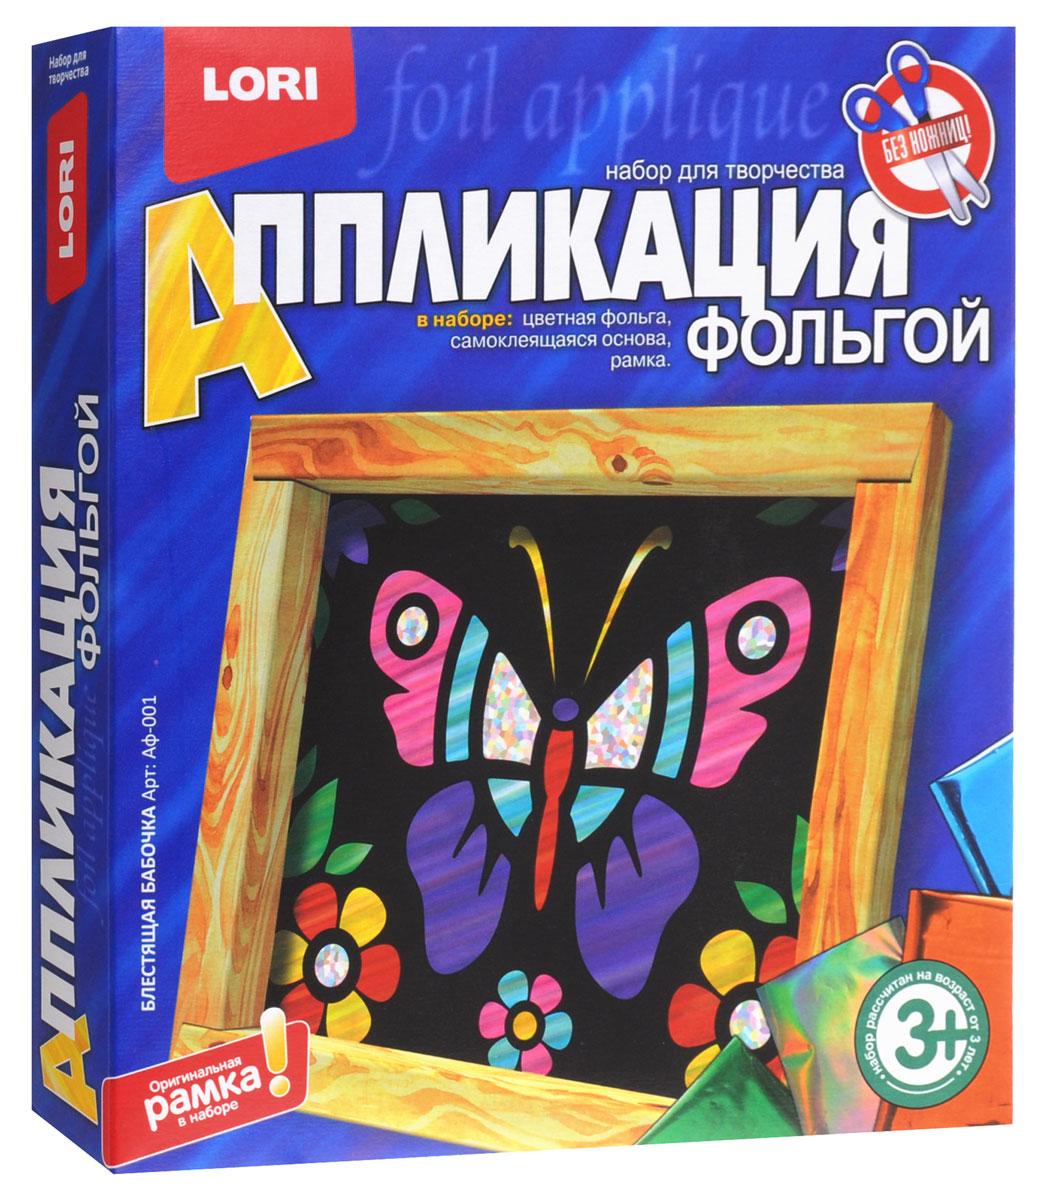 Lori Аппликация из фольги Блестящая бабочка